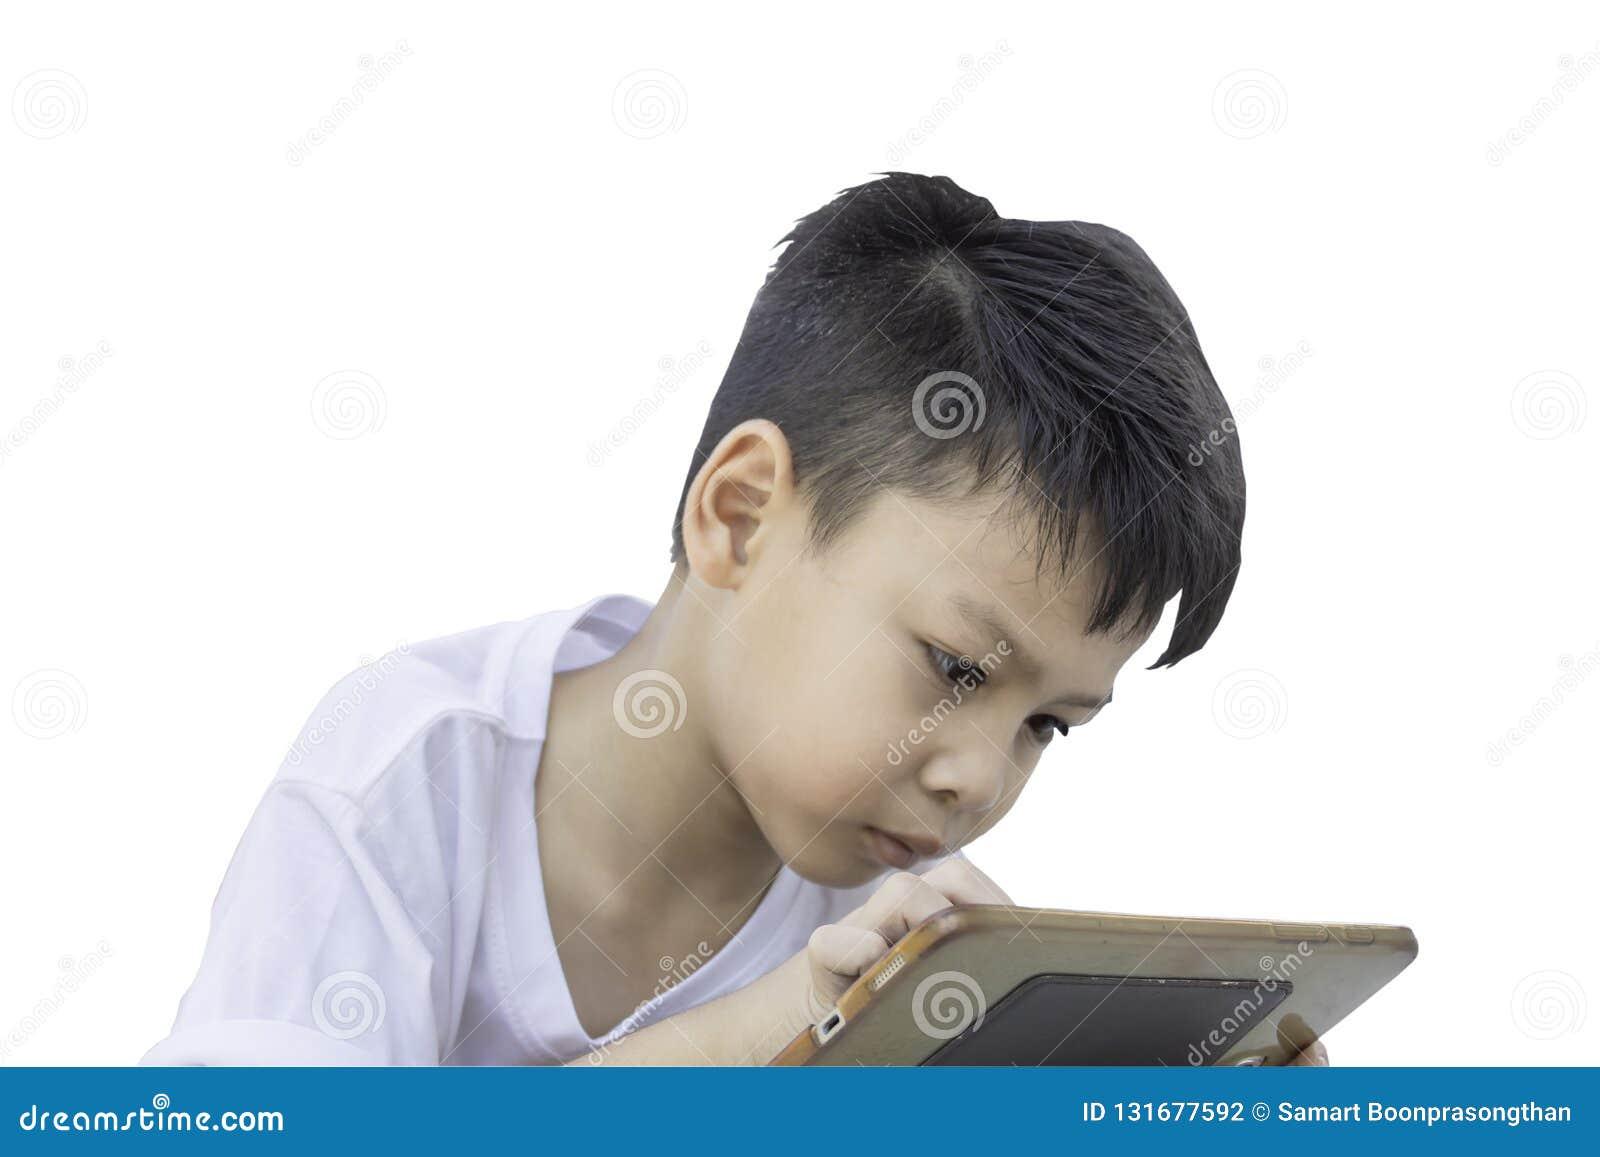 Portret van een slijtaget-shirts van jongensazië, speltelefoon op een witte achtergrond